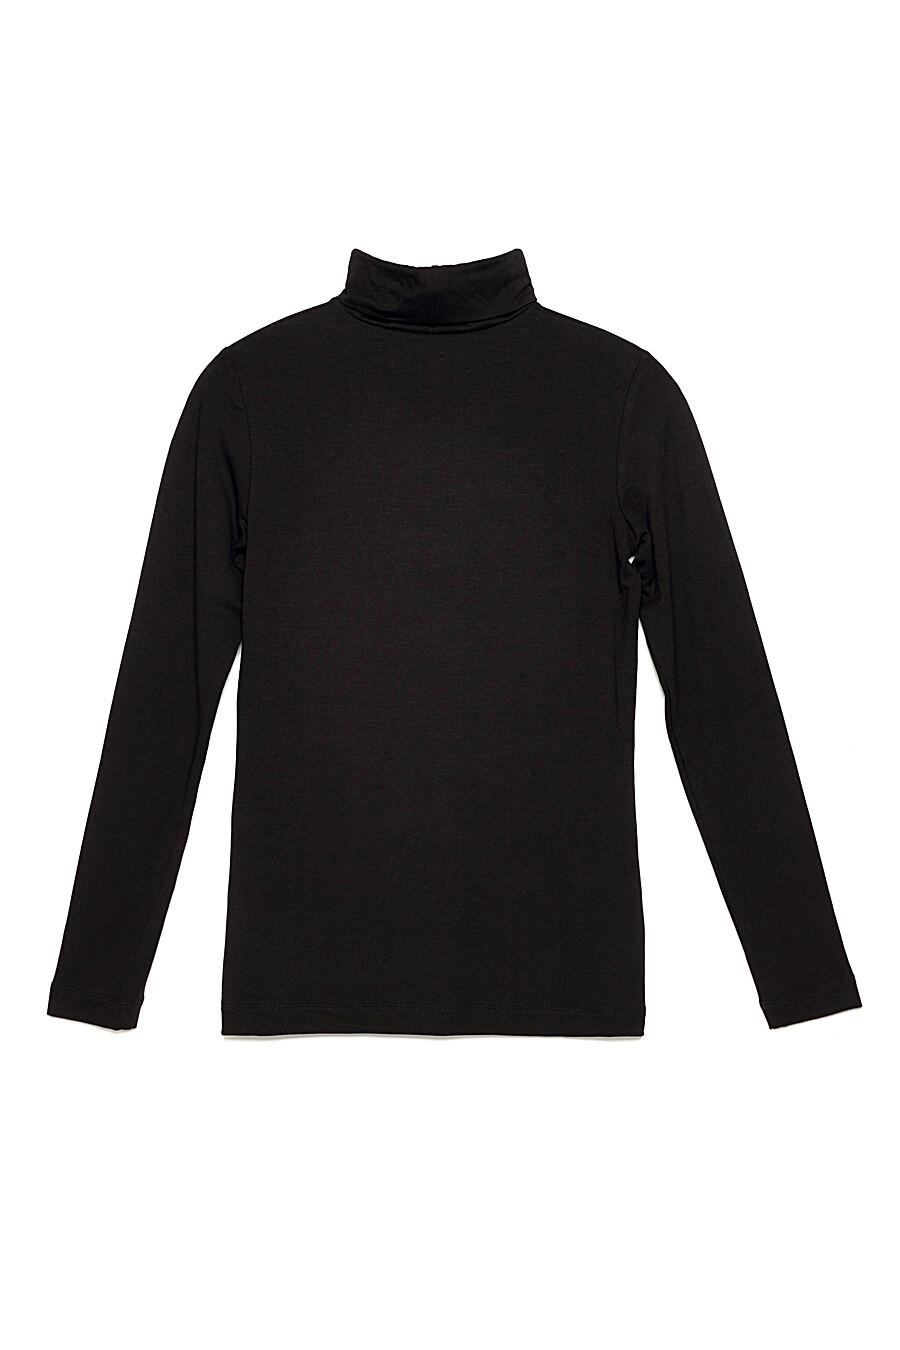 Водолазка для женщин CONTE ELEGANT 148632 купить оптом от производителя. Совместная покупка женской одежды в OptMoyo